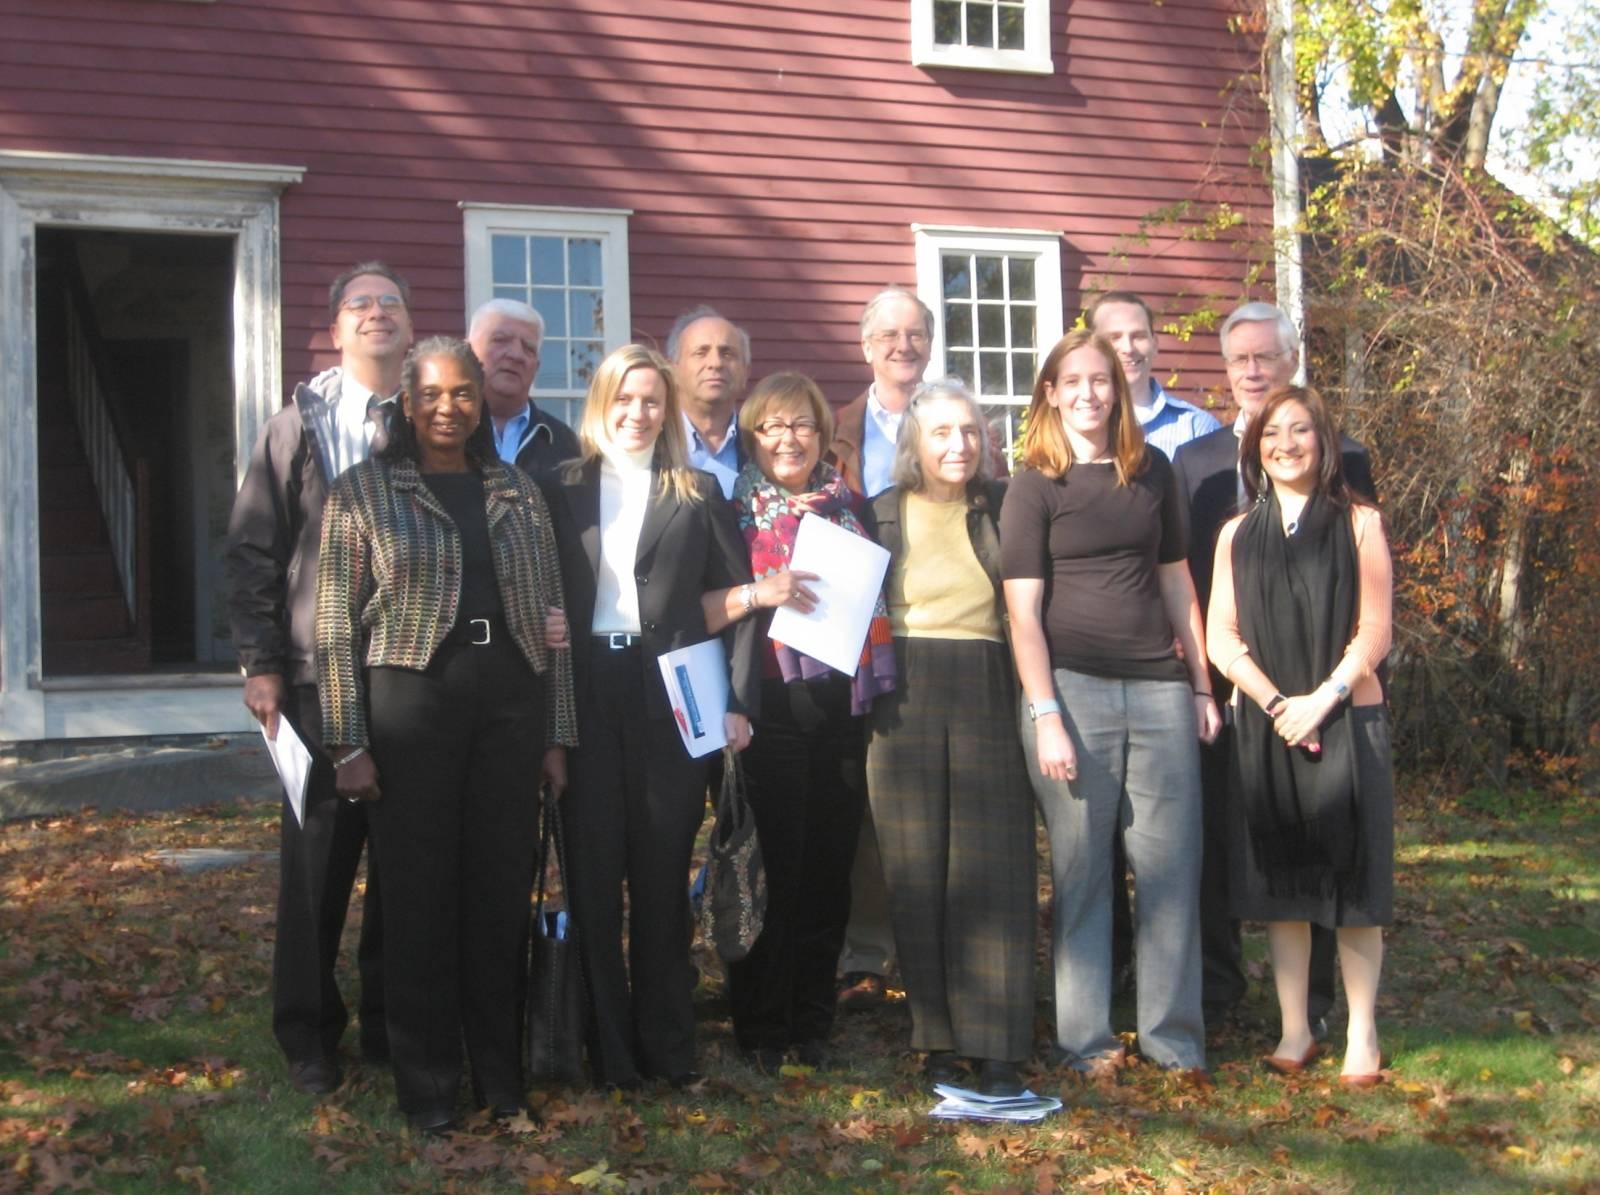 Rebecca Morley, Ruth Lindberg, and board